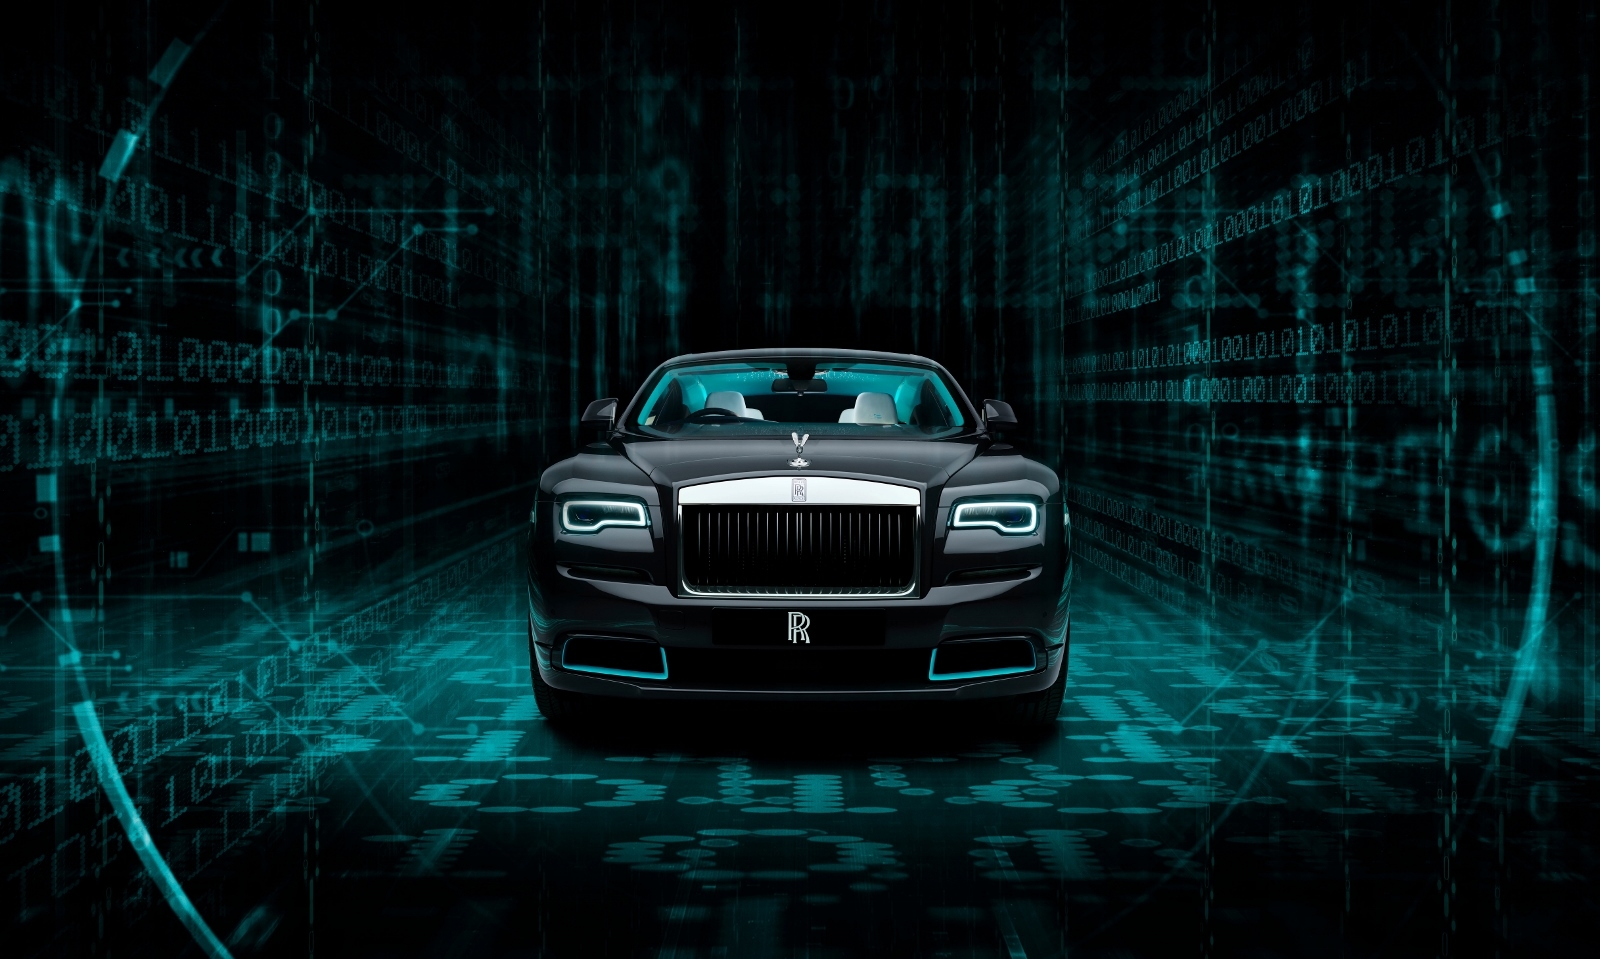 Šifru Rolls Royce Wraith Kryptos poznajú len dvaja ľudia. Vylúštiť ju majú zákazníci